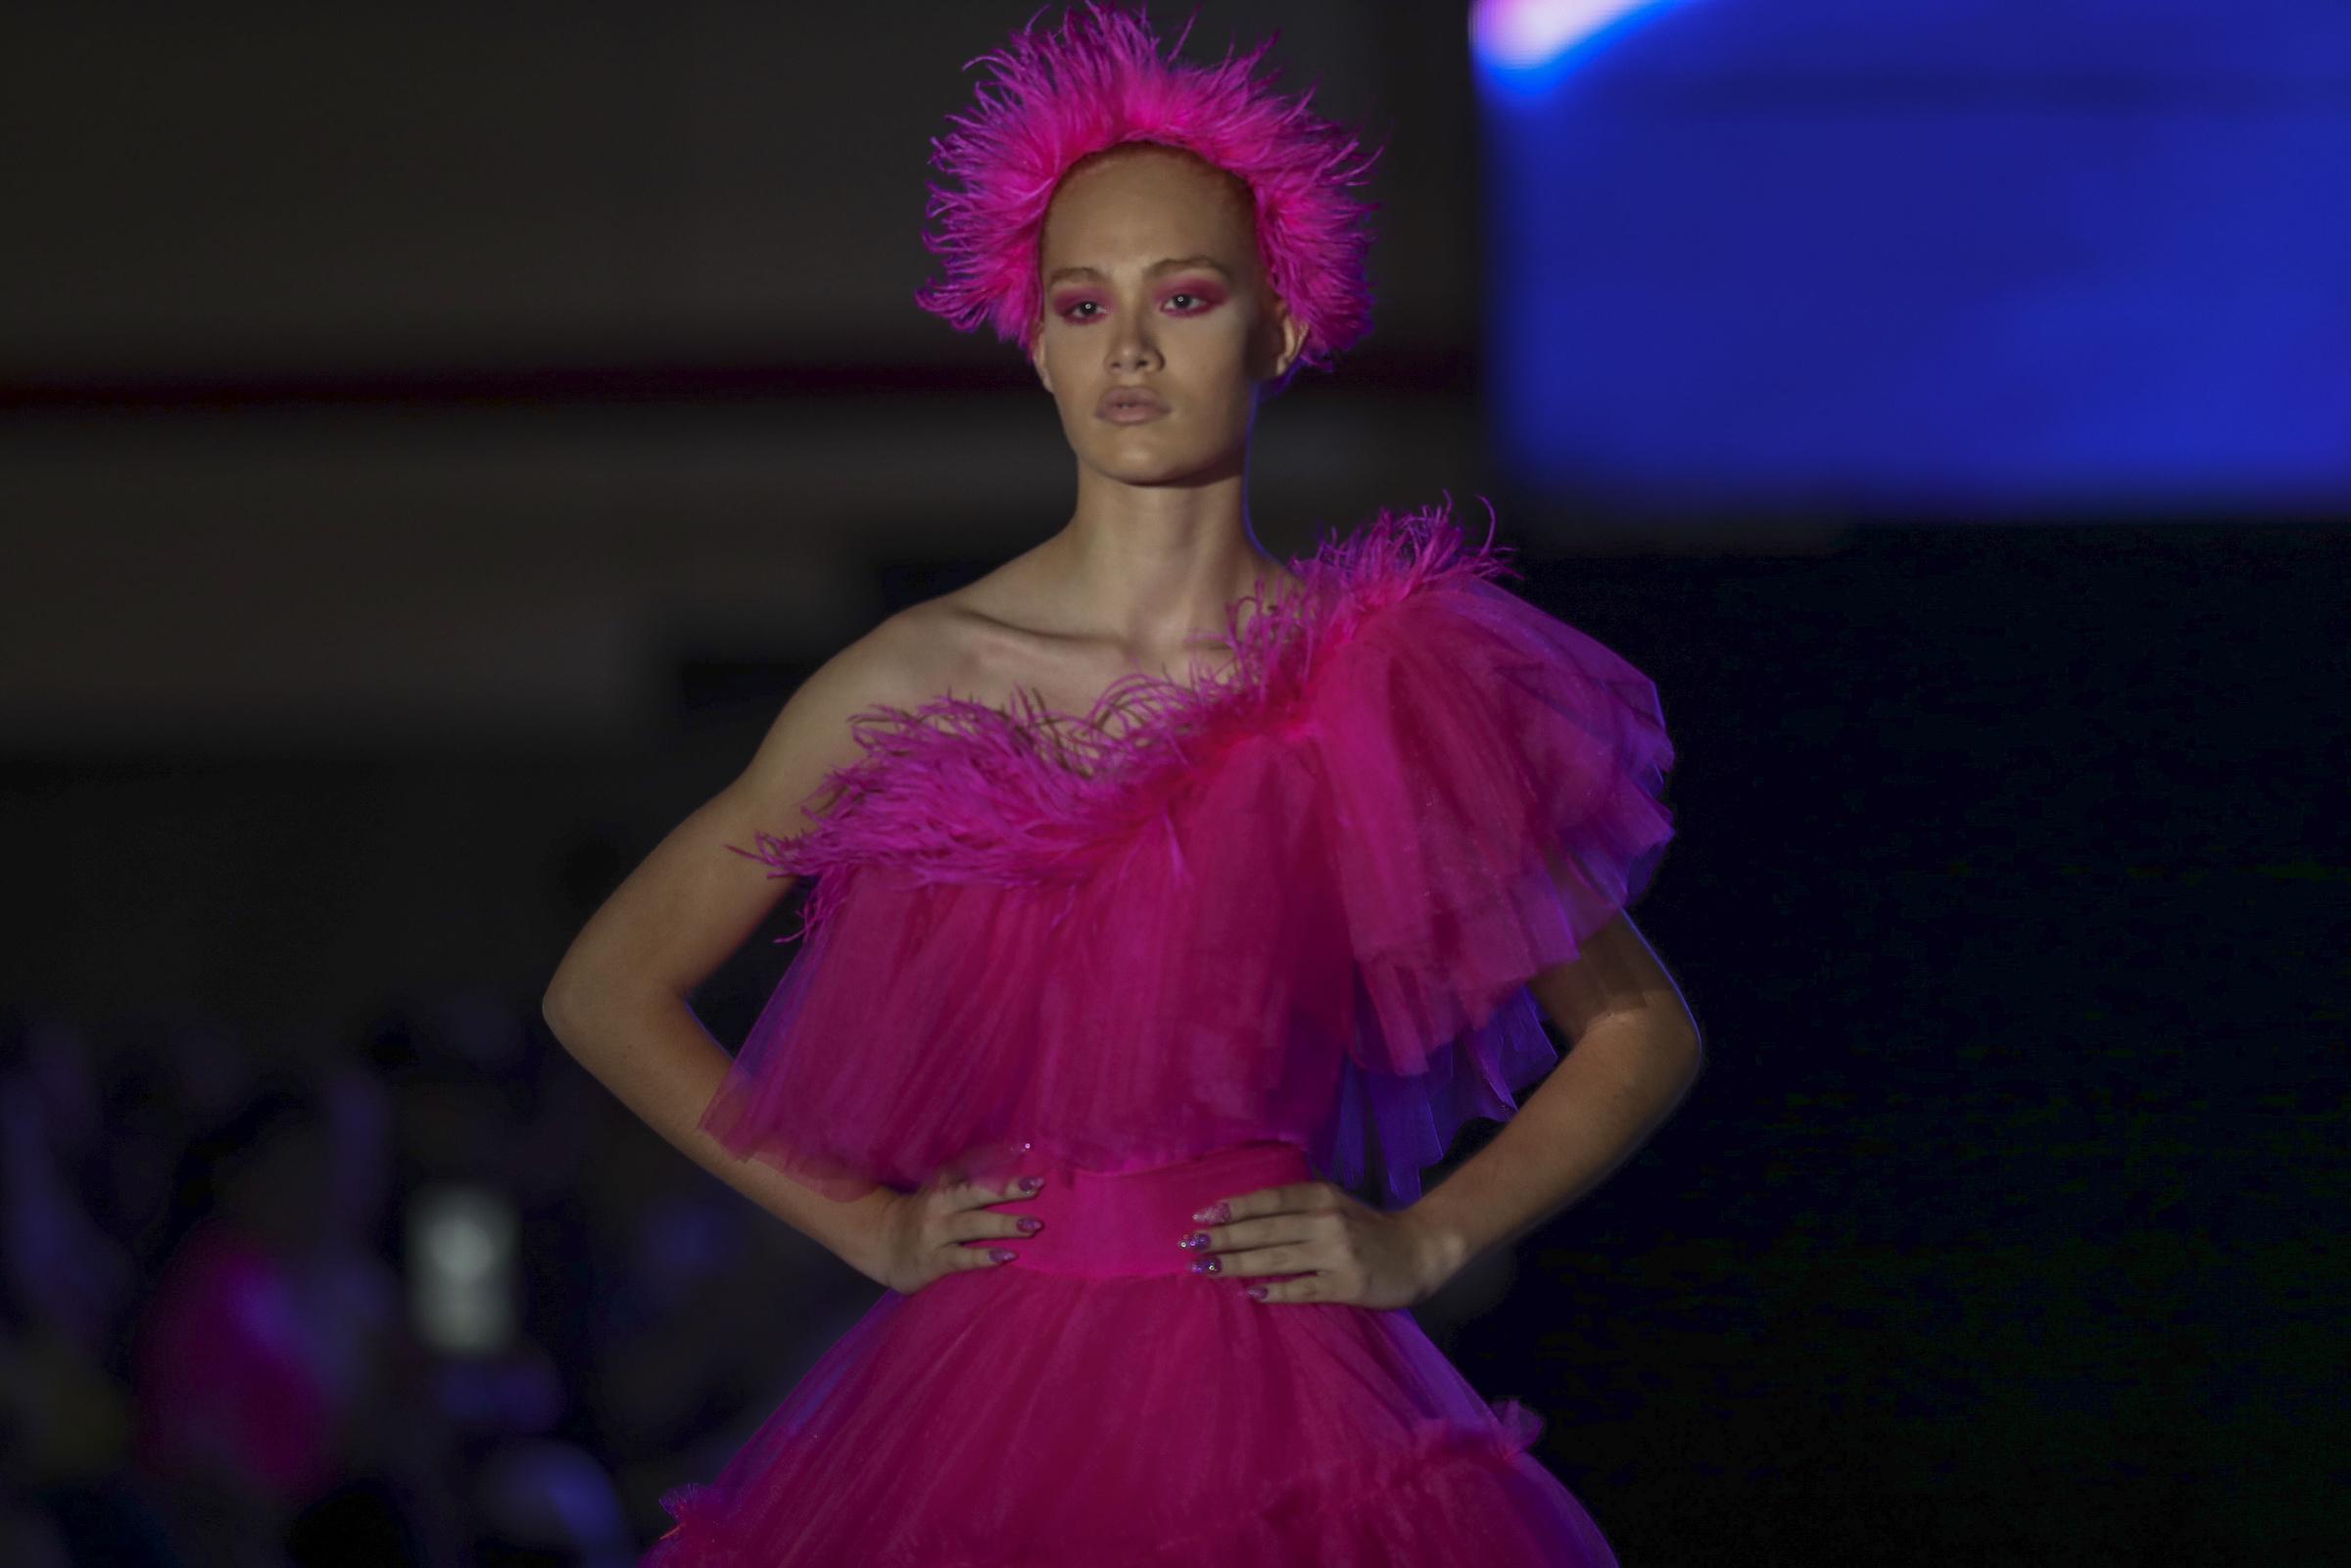 El desfile comenzó con este vestido rosa con falda en tul. (David Villafañe)